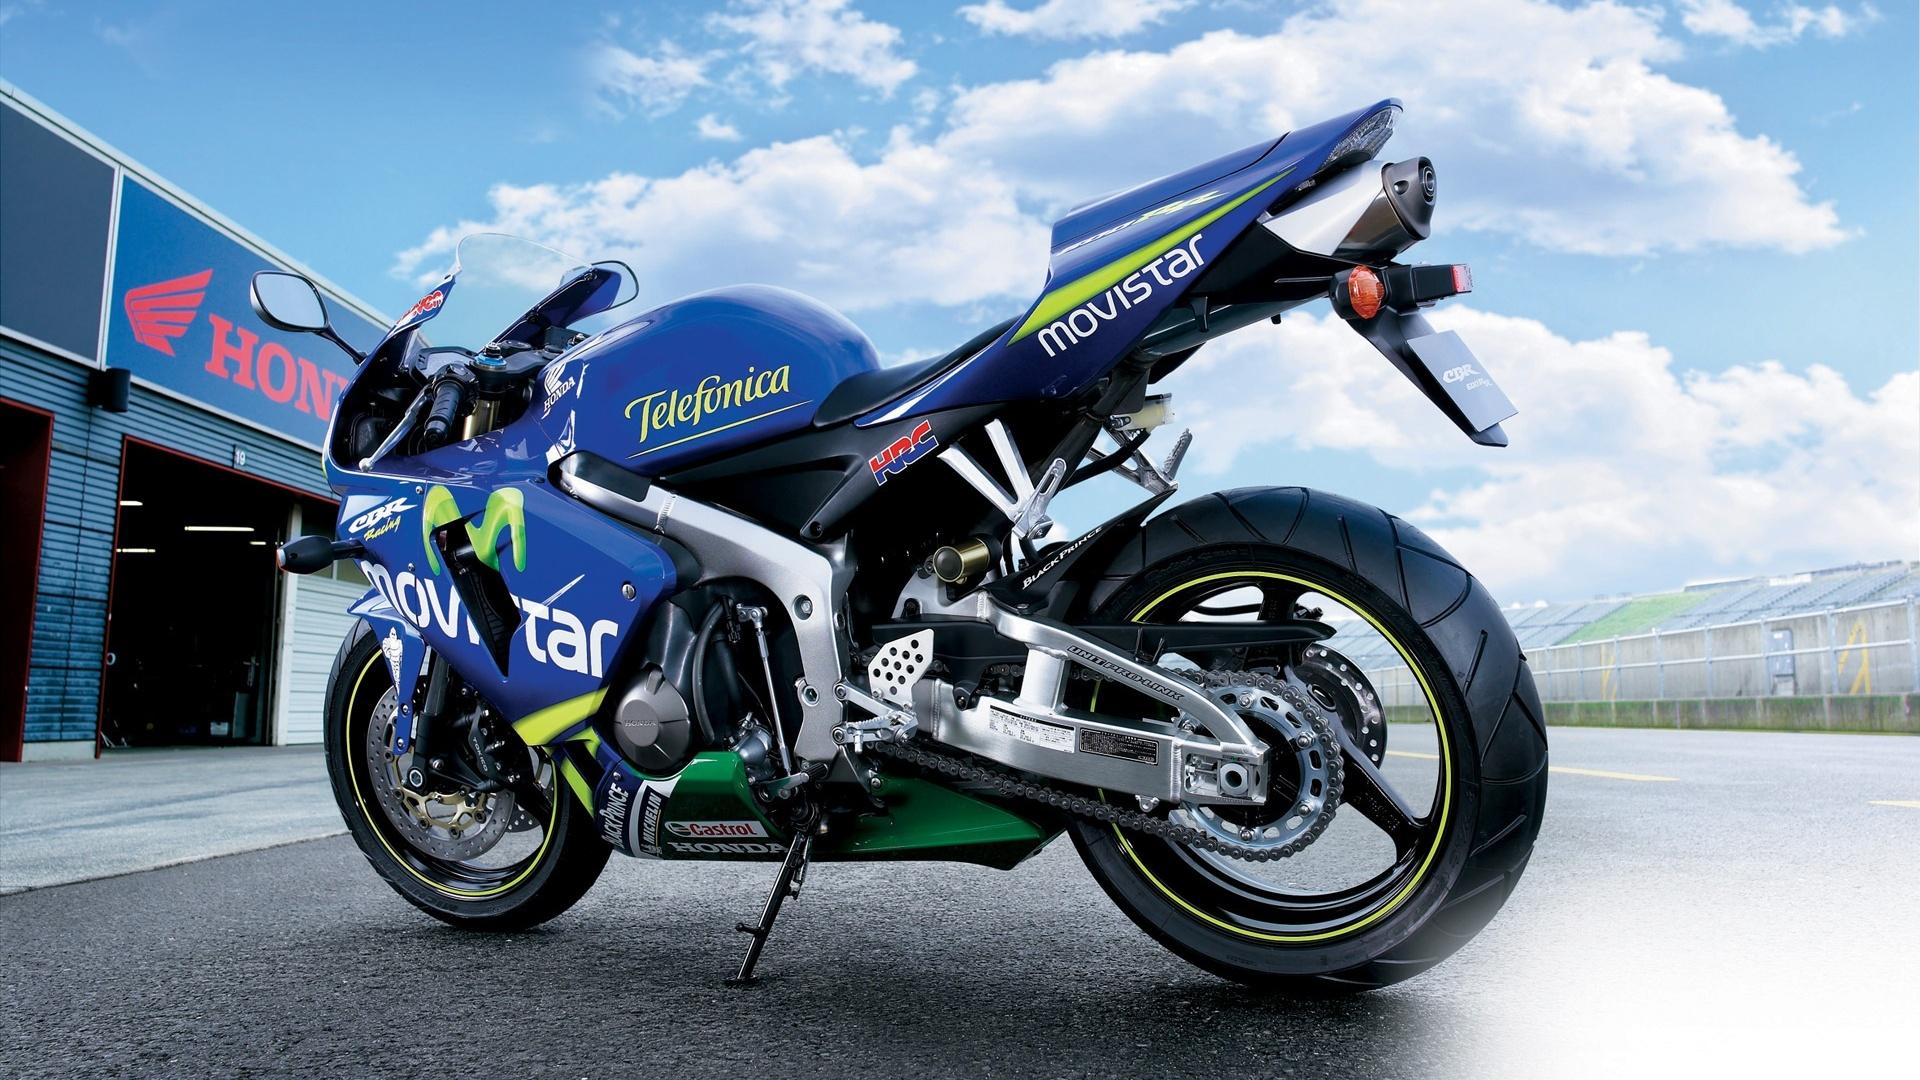 壁纸 本田CBR 600RR摩托车 1920x1200 HD 高清壁纸, 图片, 照片